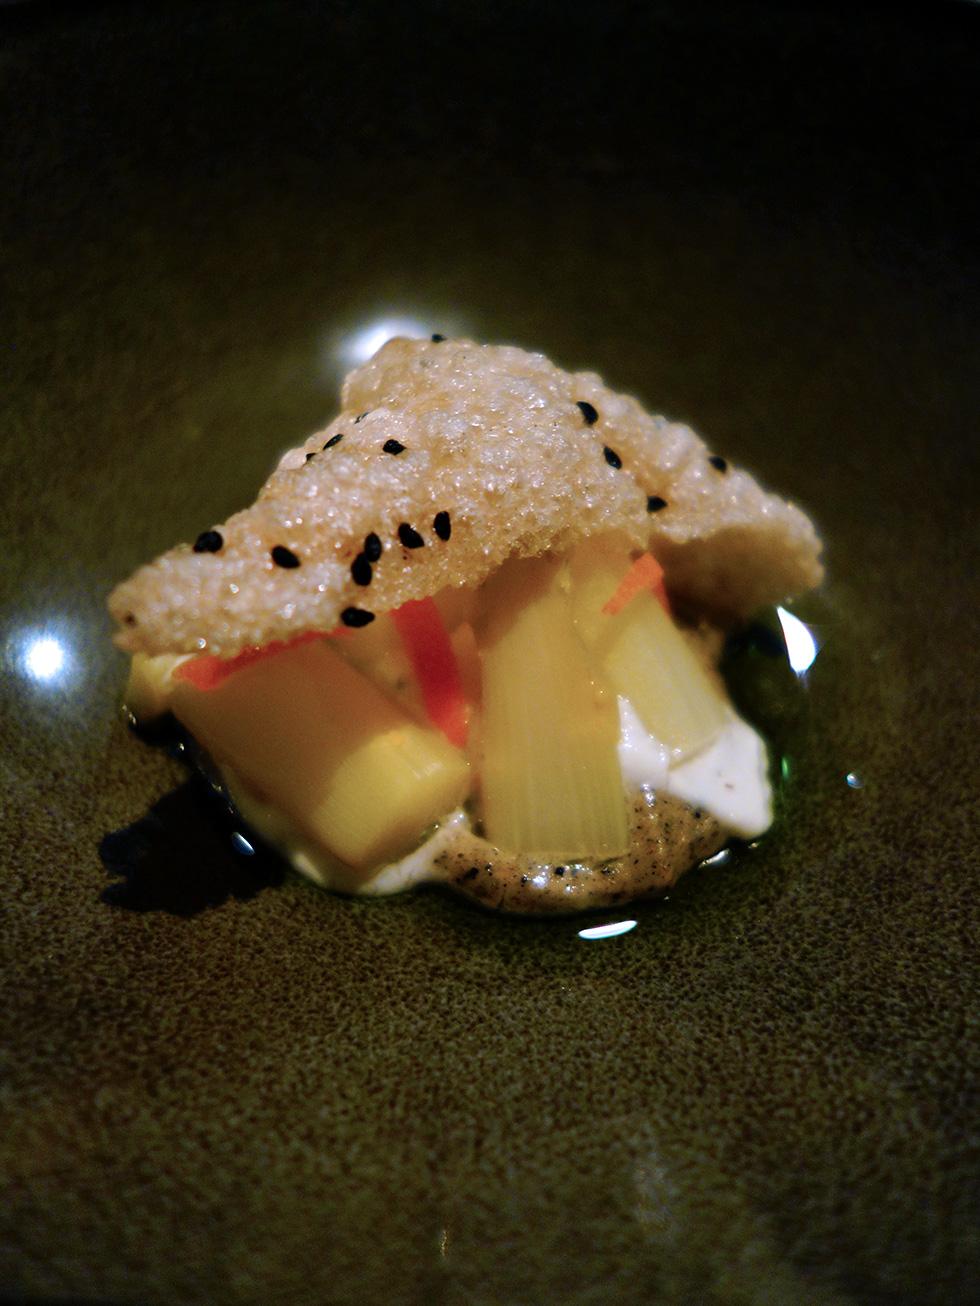 Restaurant Amuse - Asparagus, apple, ricotta and cumquat